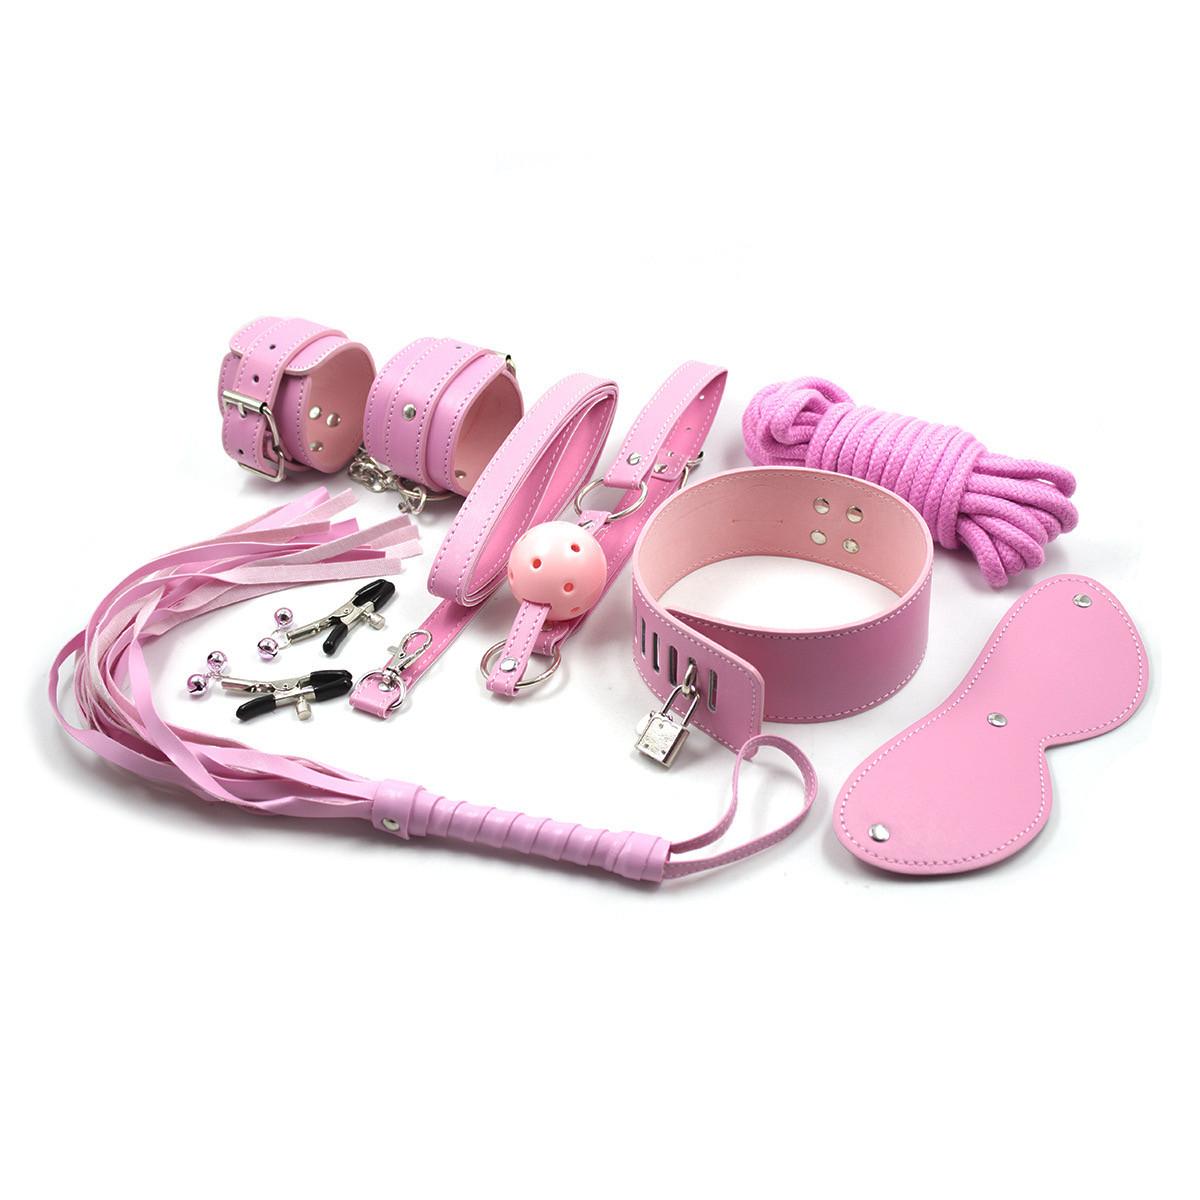 БДСМ набор без меха, 9 предметов, розовый